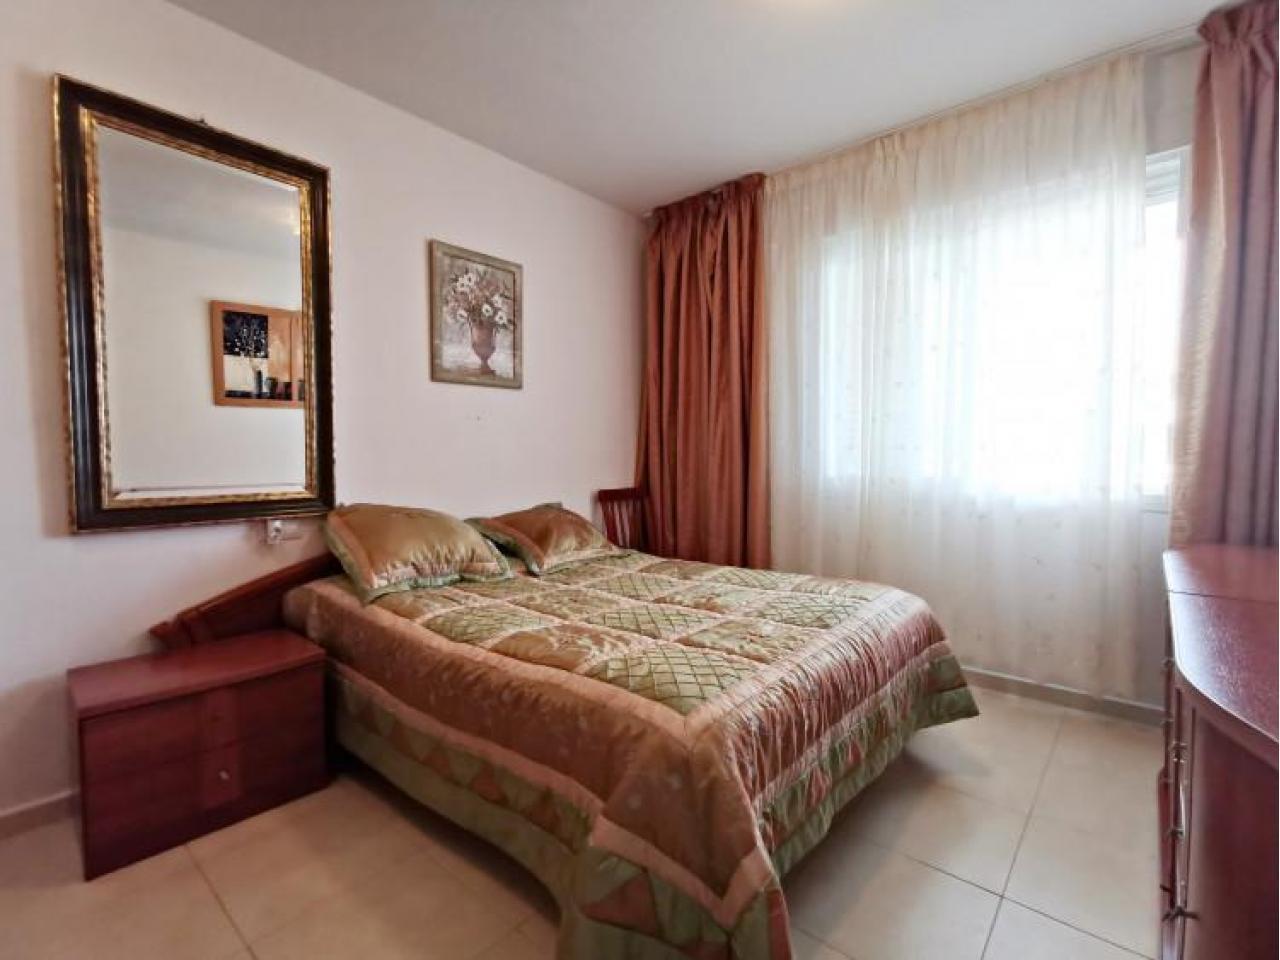 Прекрасная квартира возле моря в Бенидорме, Испания - 5